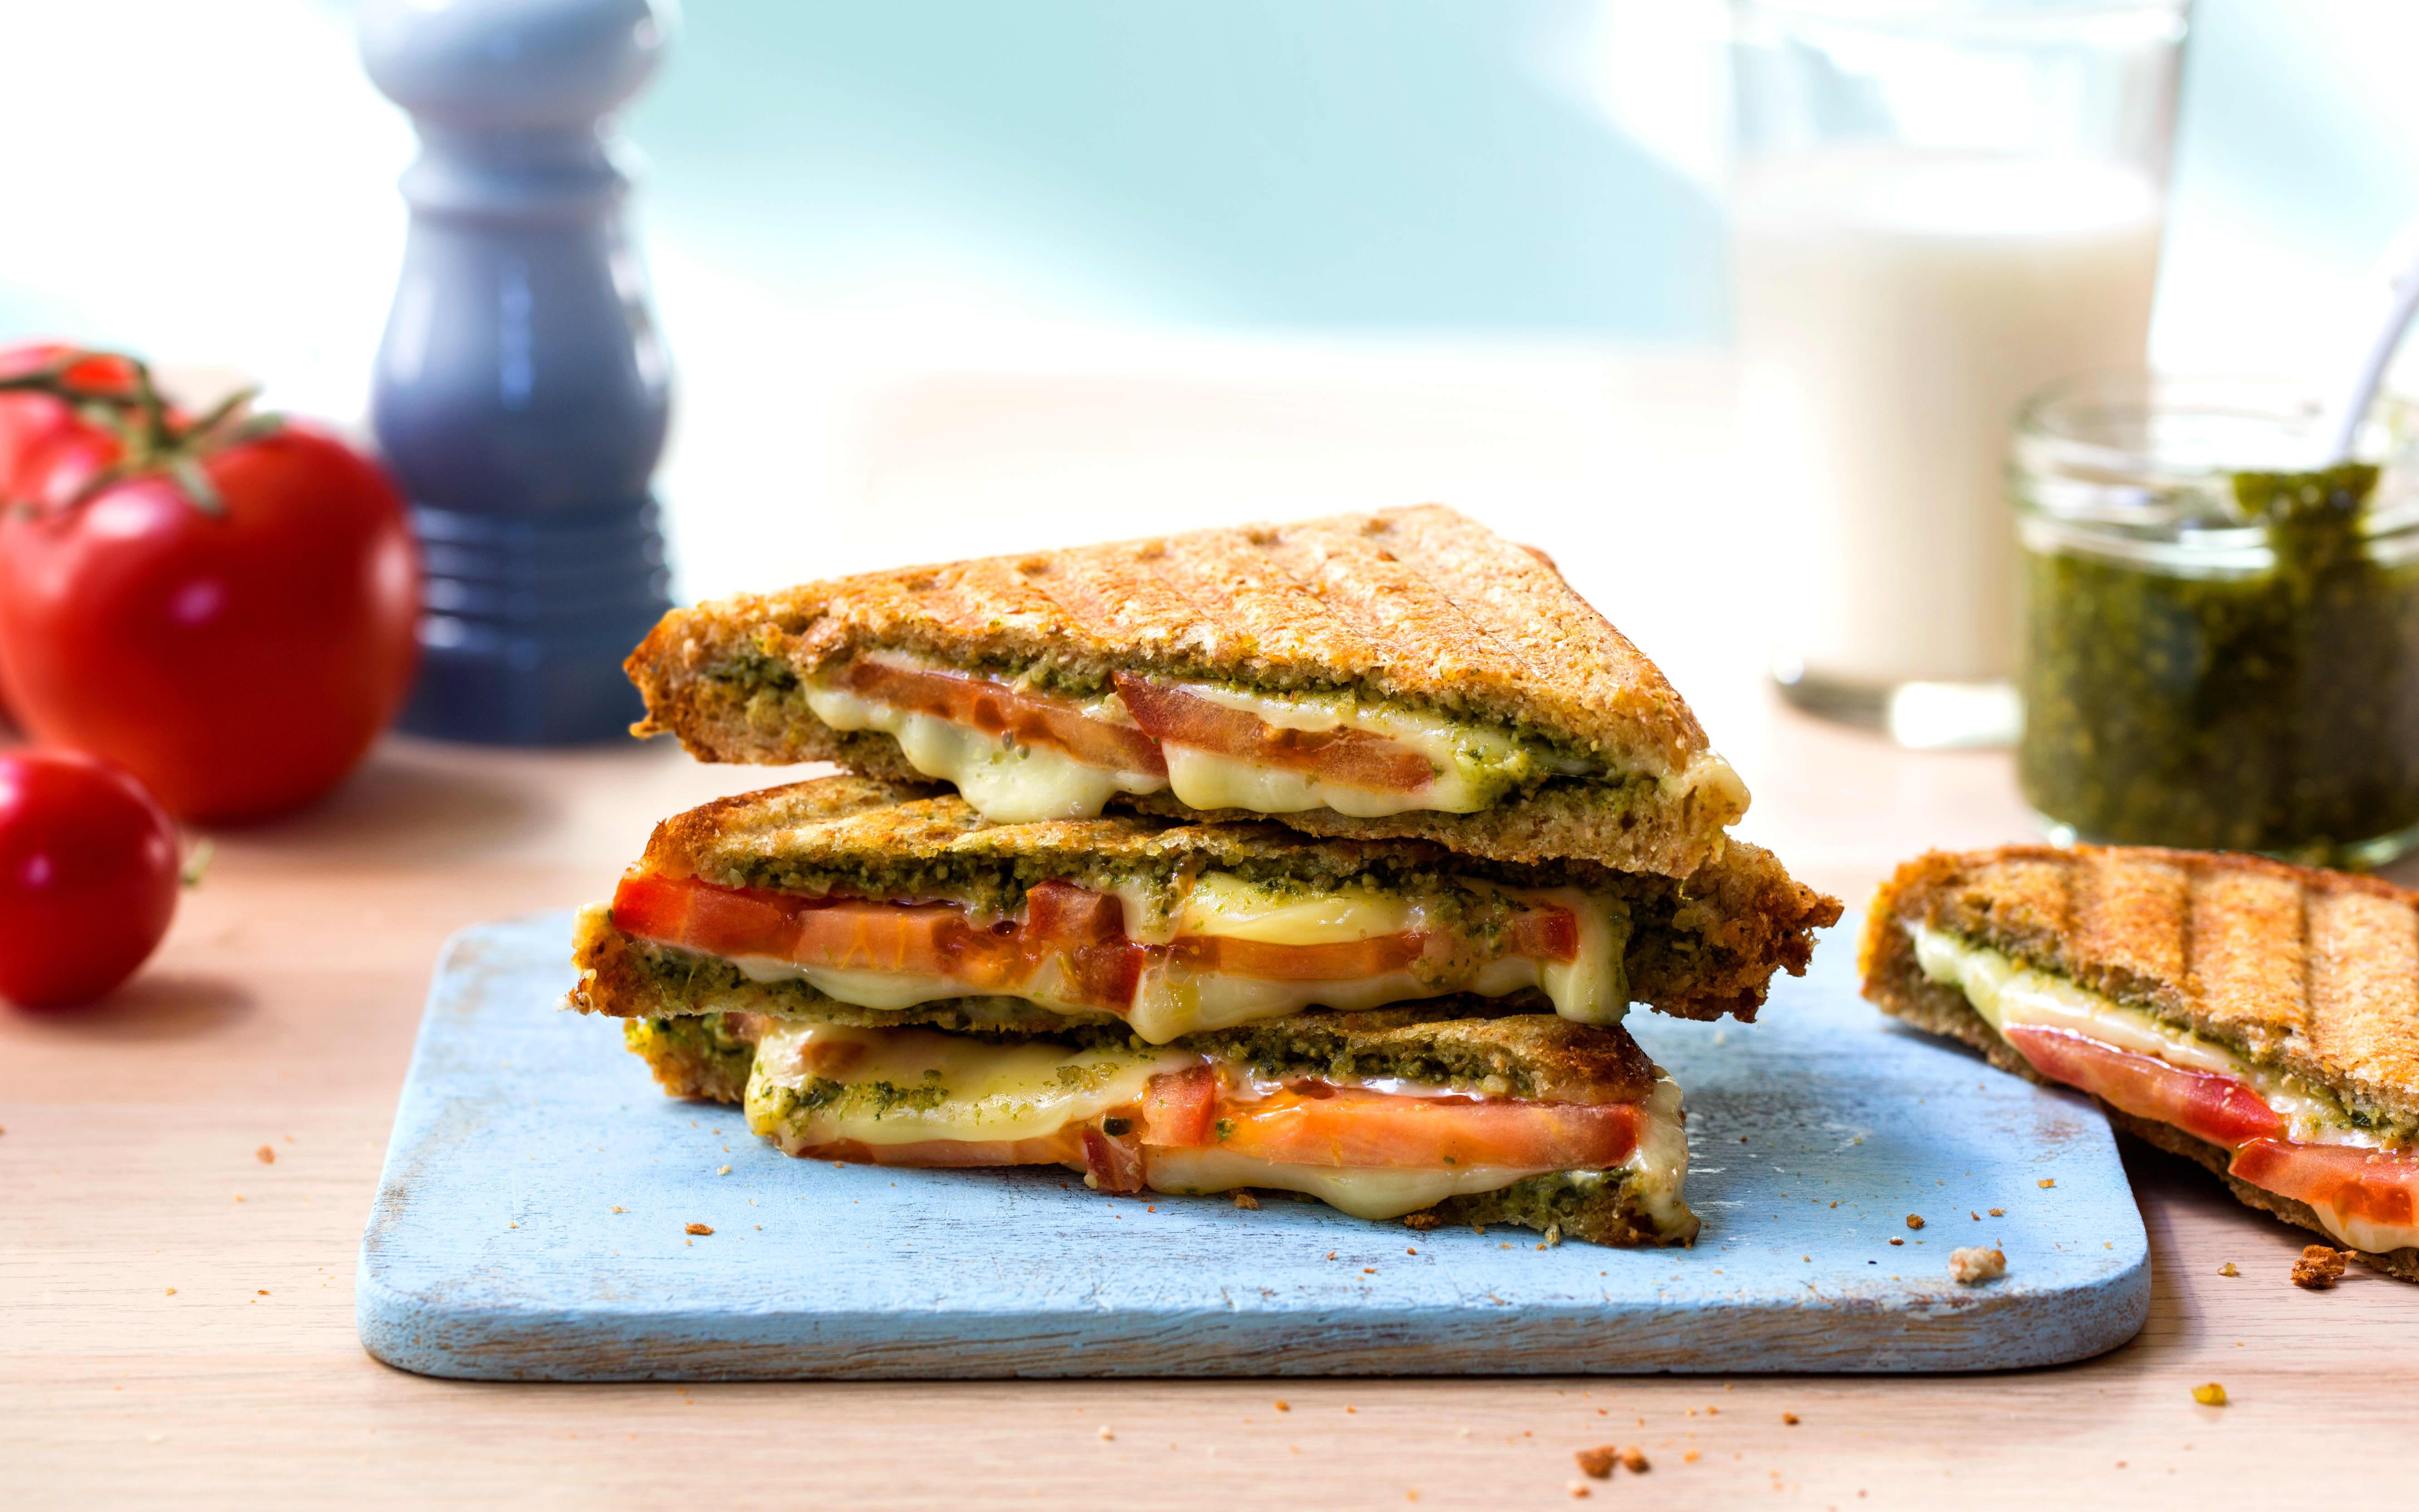 Toast med tomat, pesto og Norvegiaost - en uslåelig kombo! Bilde: TINE